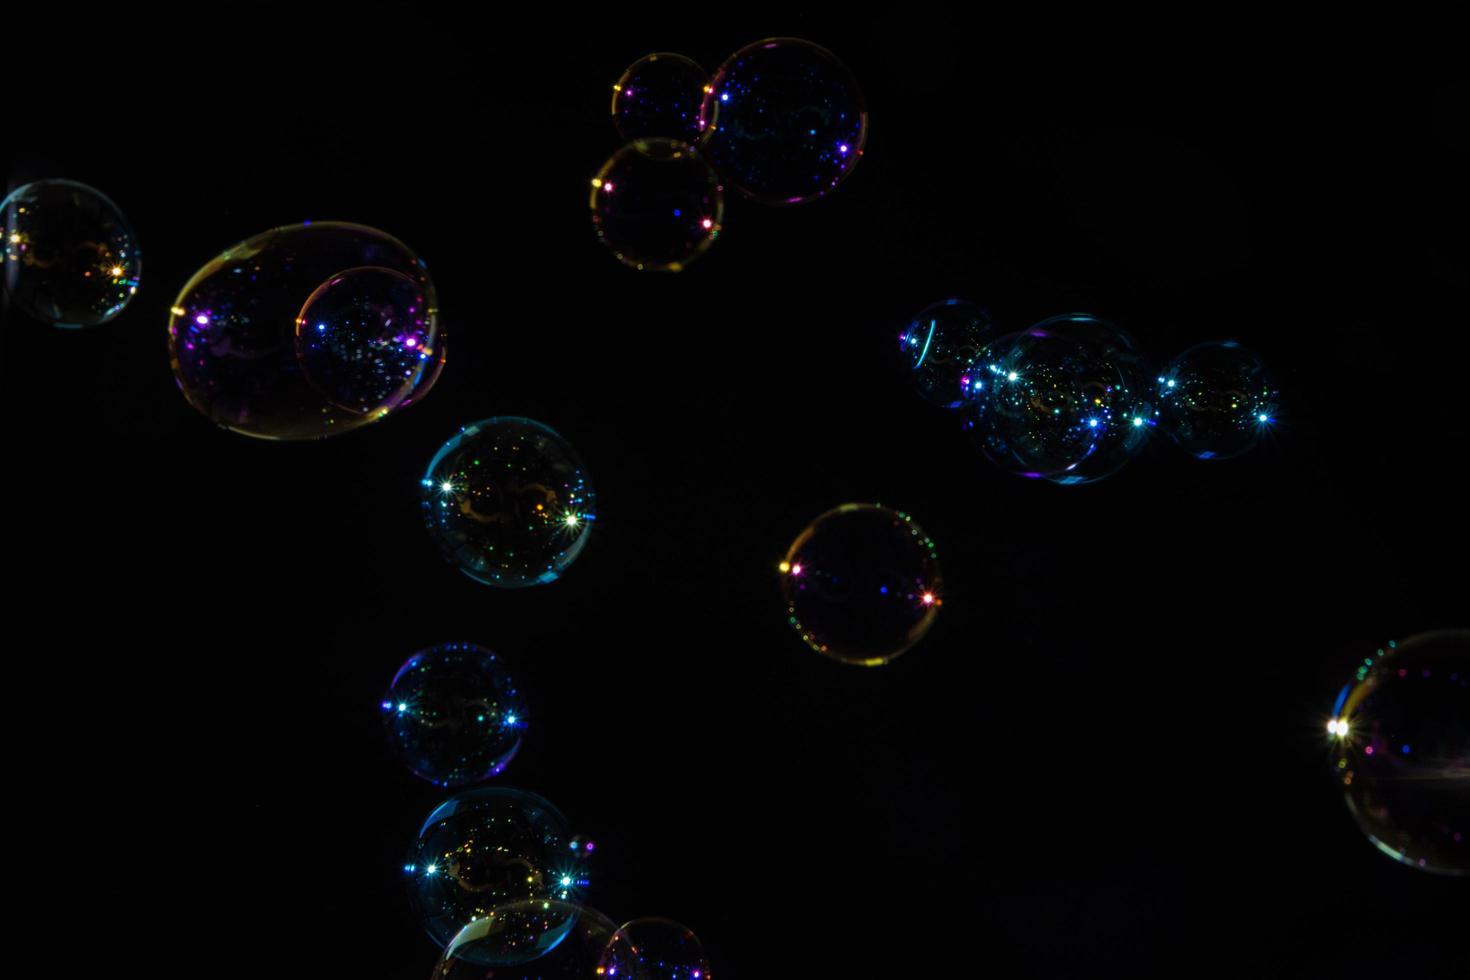 Blasen auf schwarzem Hintergrund foto